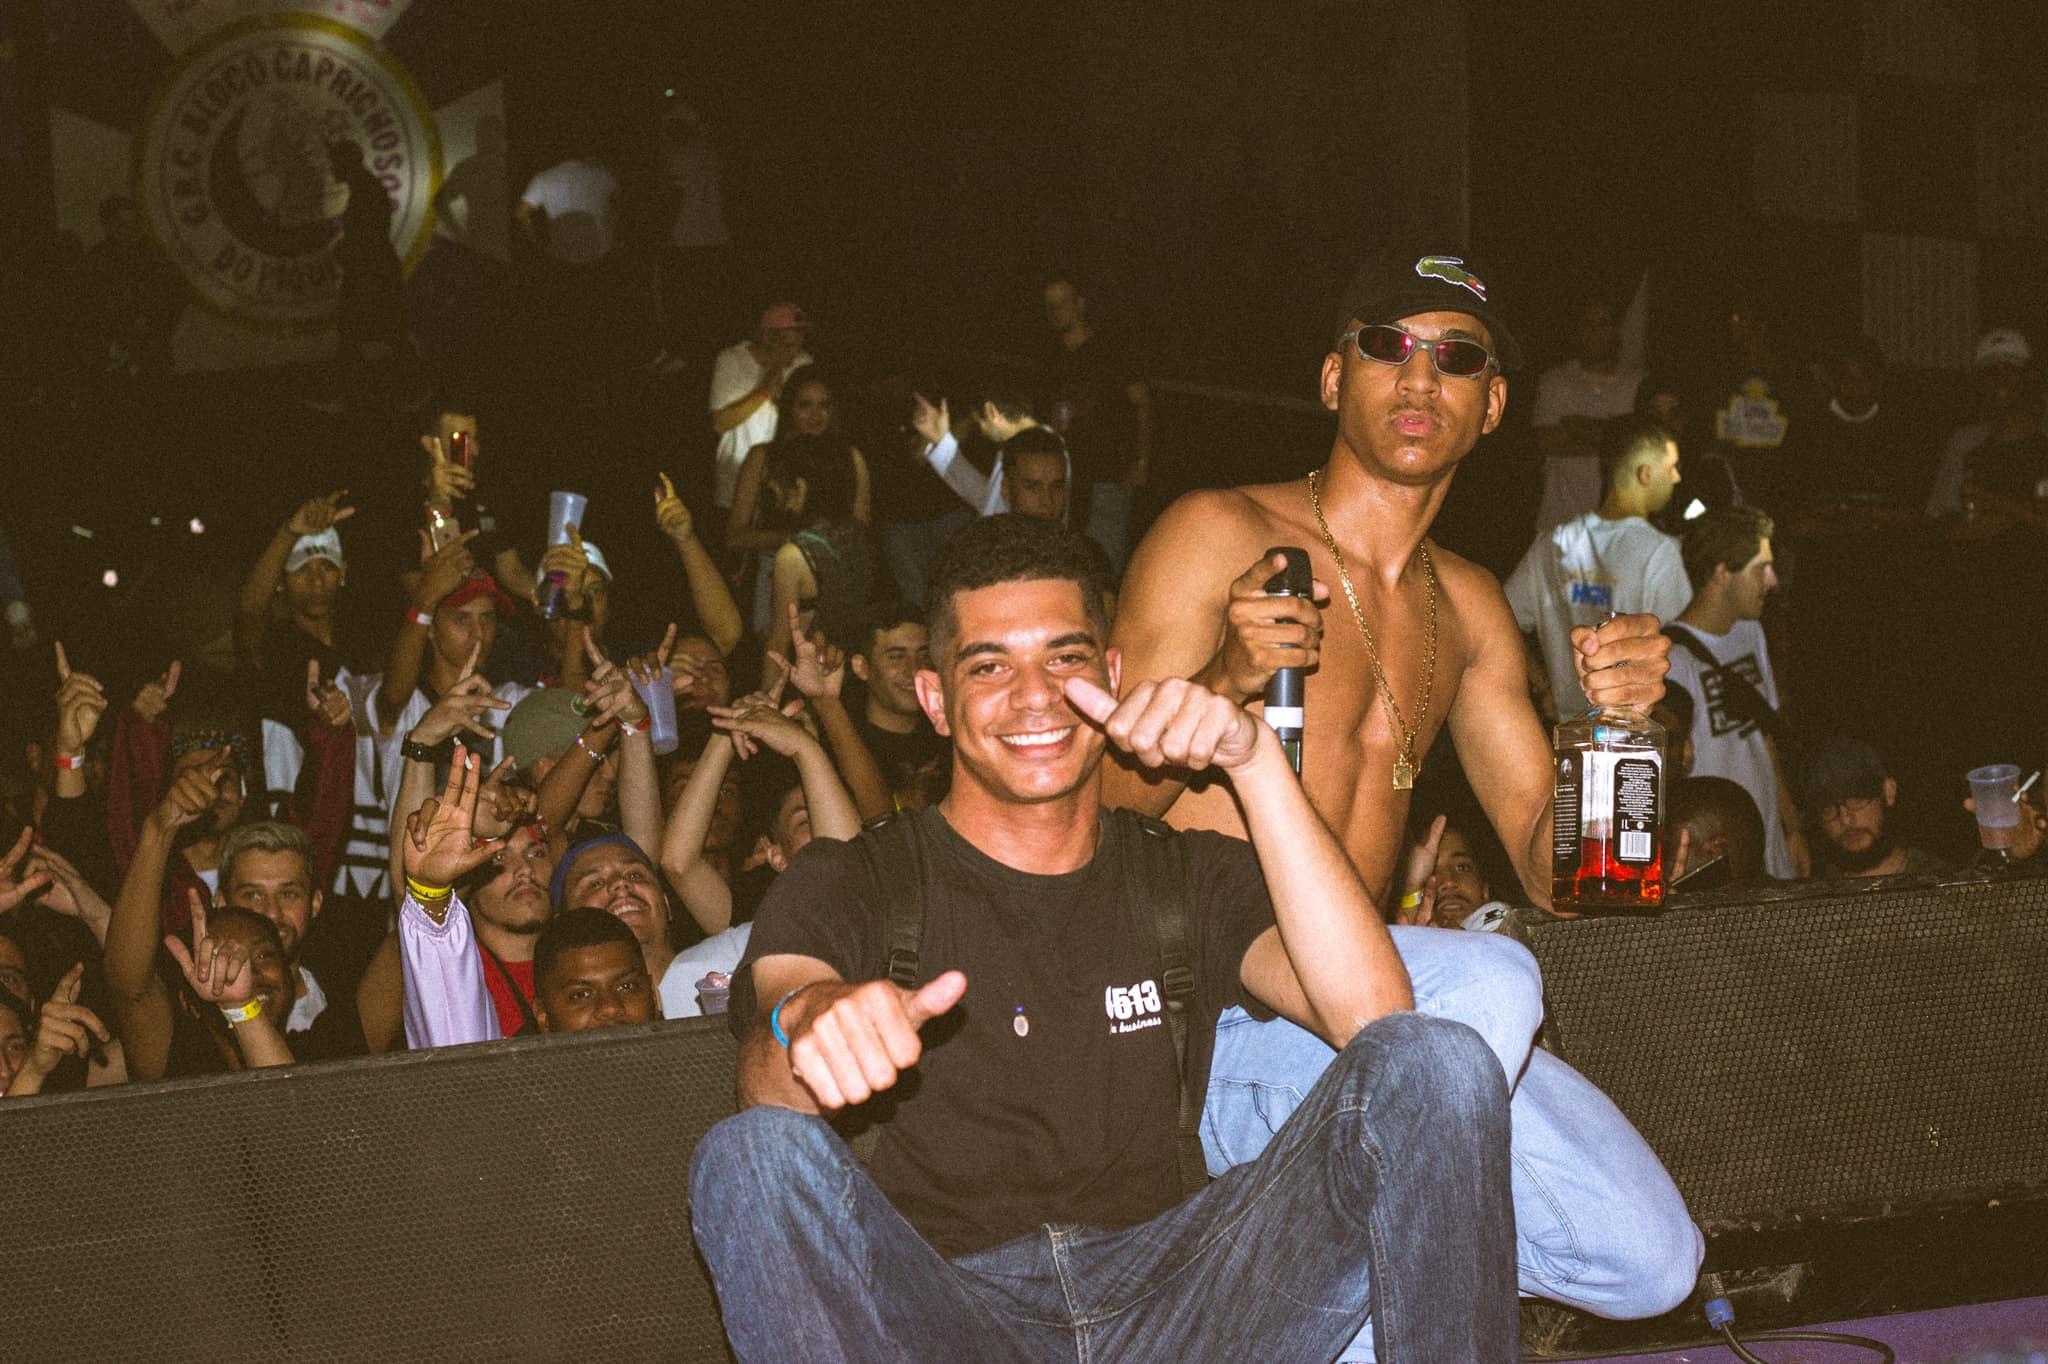 Da Baixada Santista, Mu540 e Kyan unem funk, rap e trap criando um som único